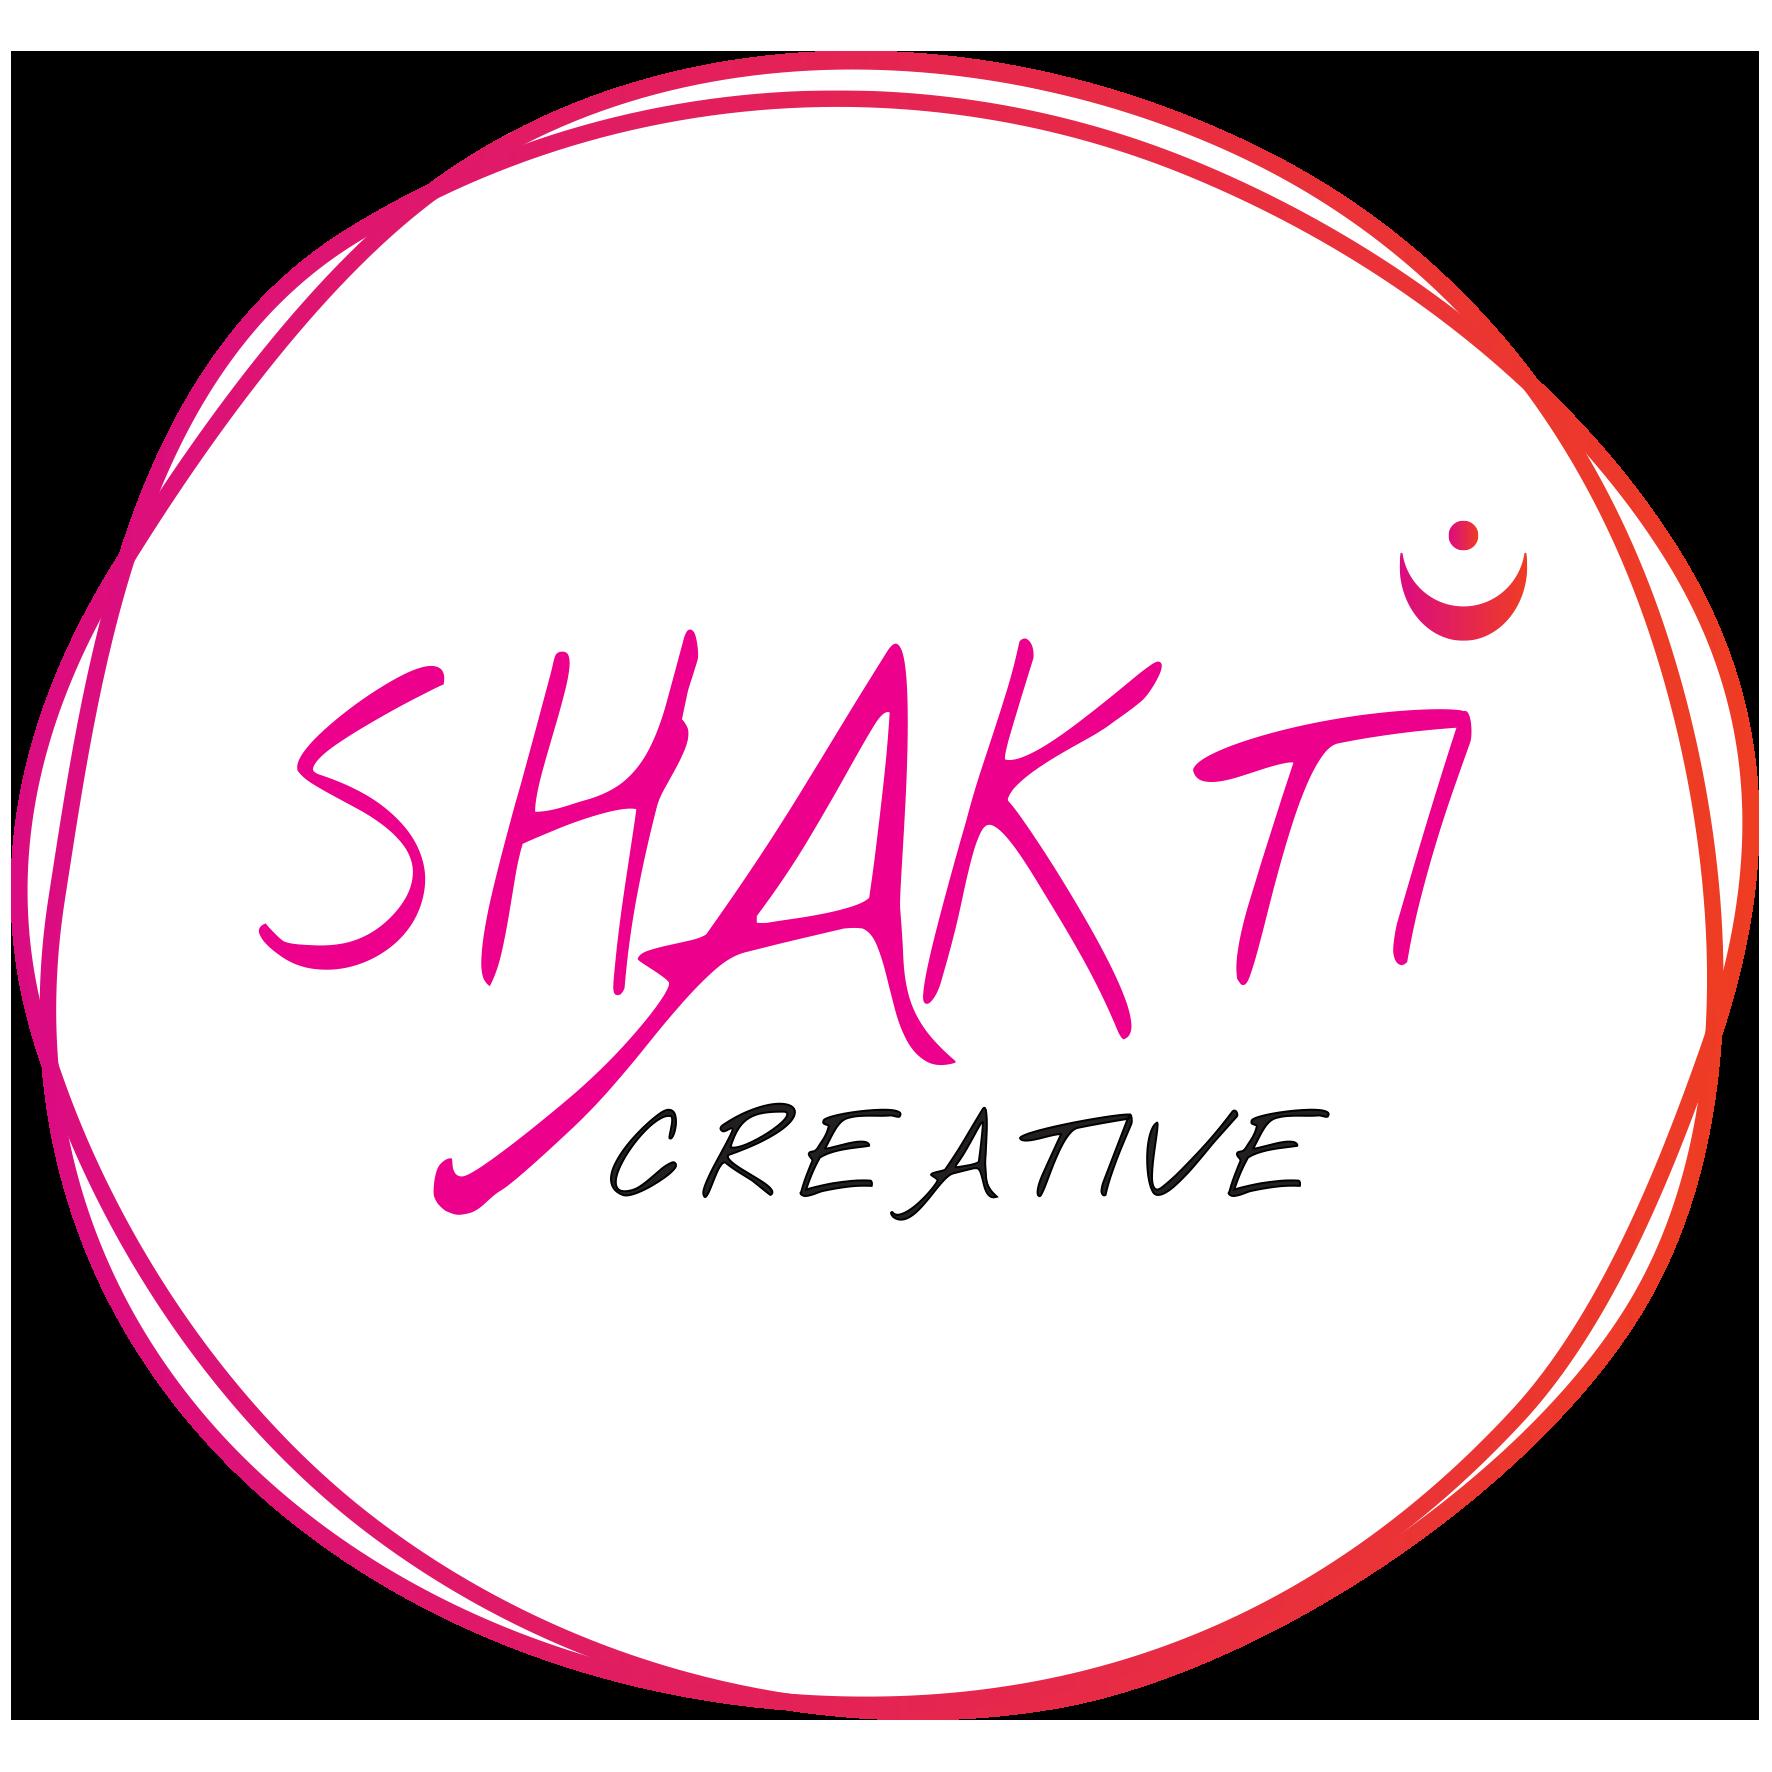 Shakti Creative Service